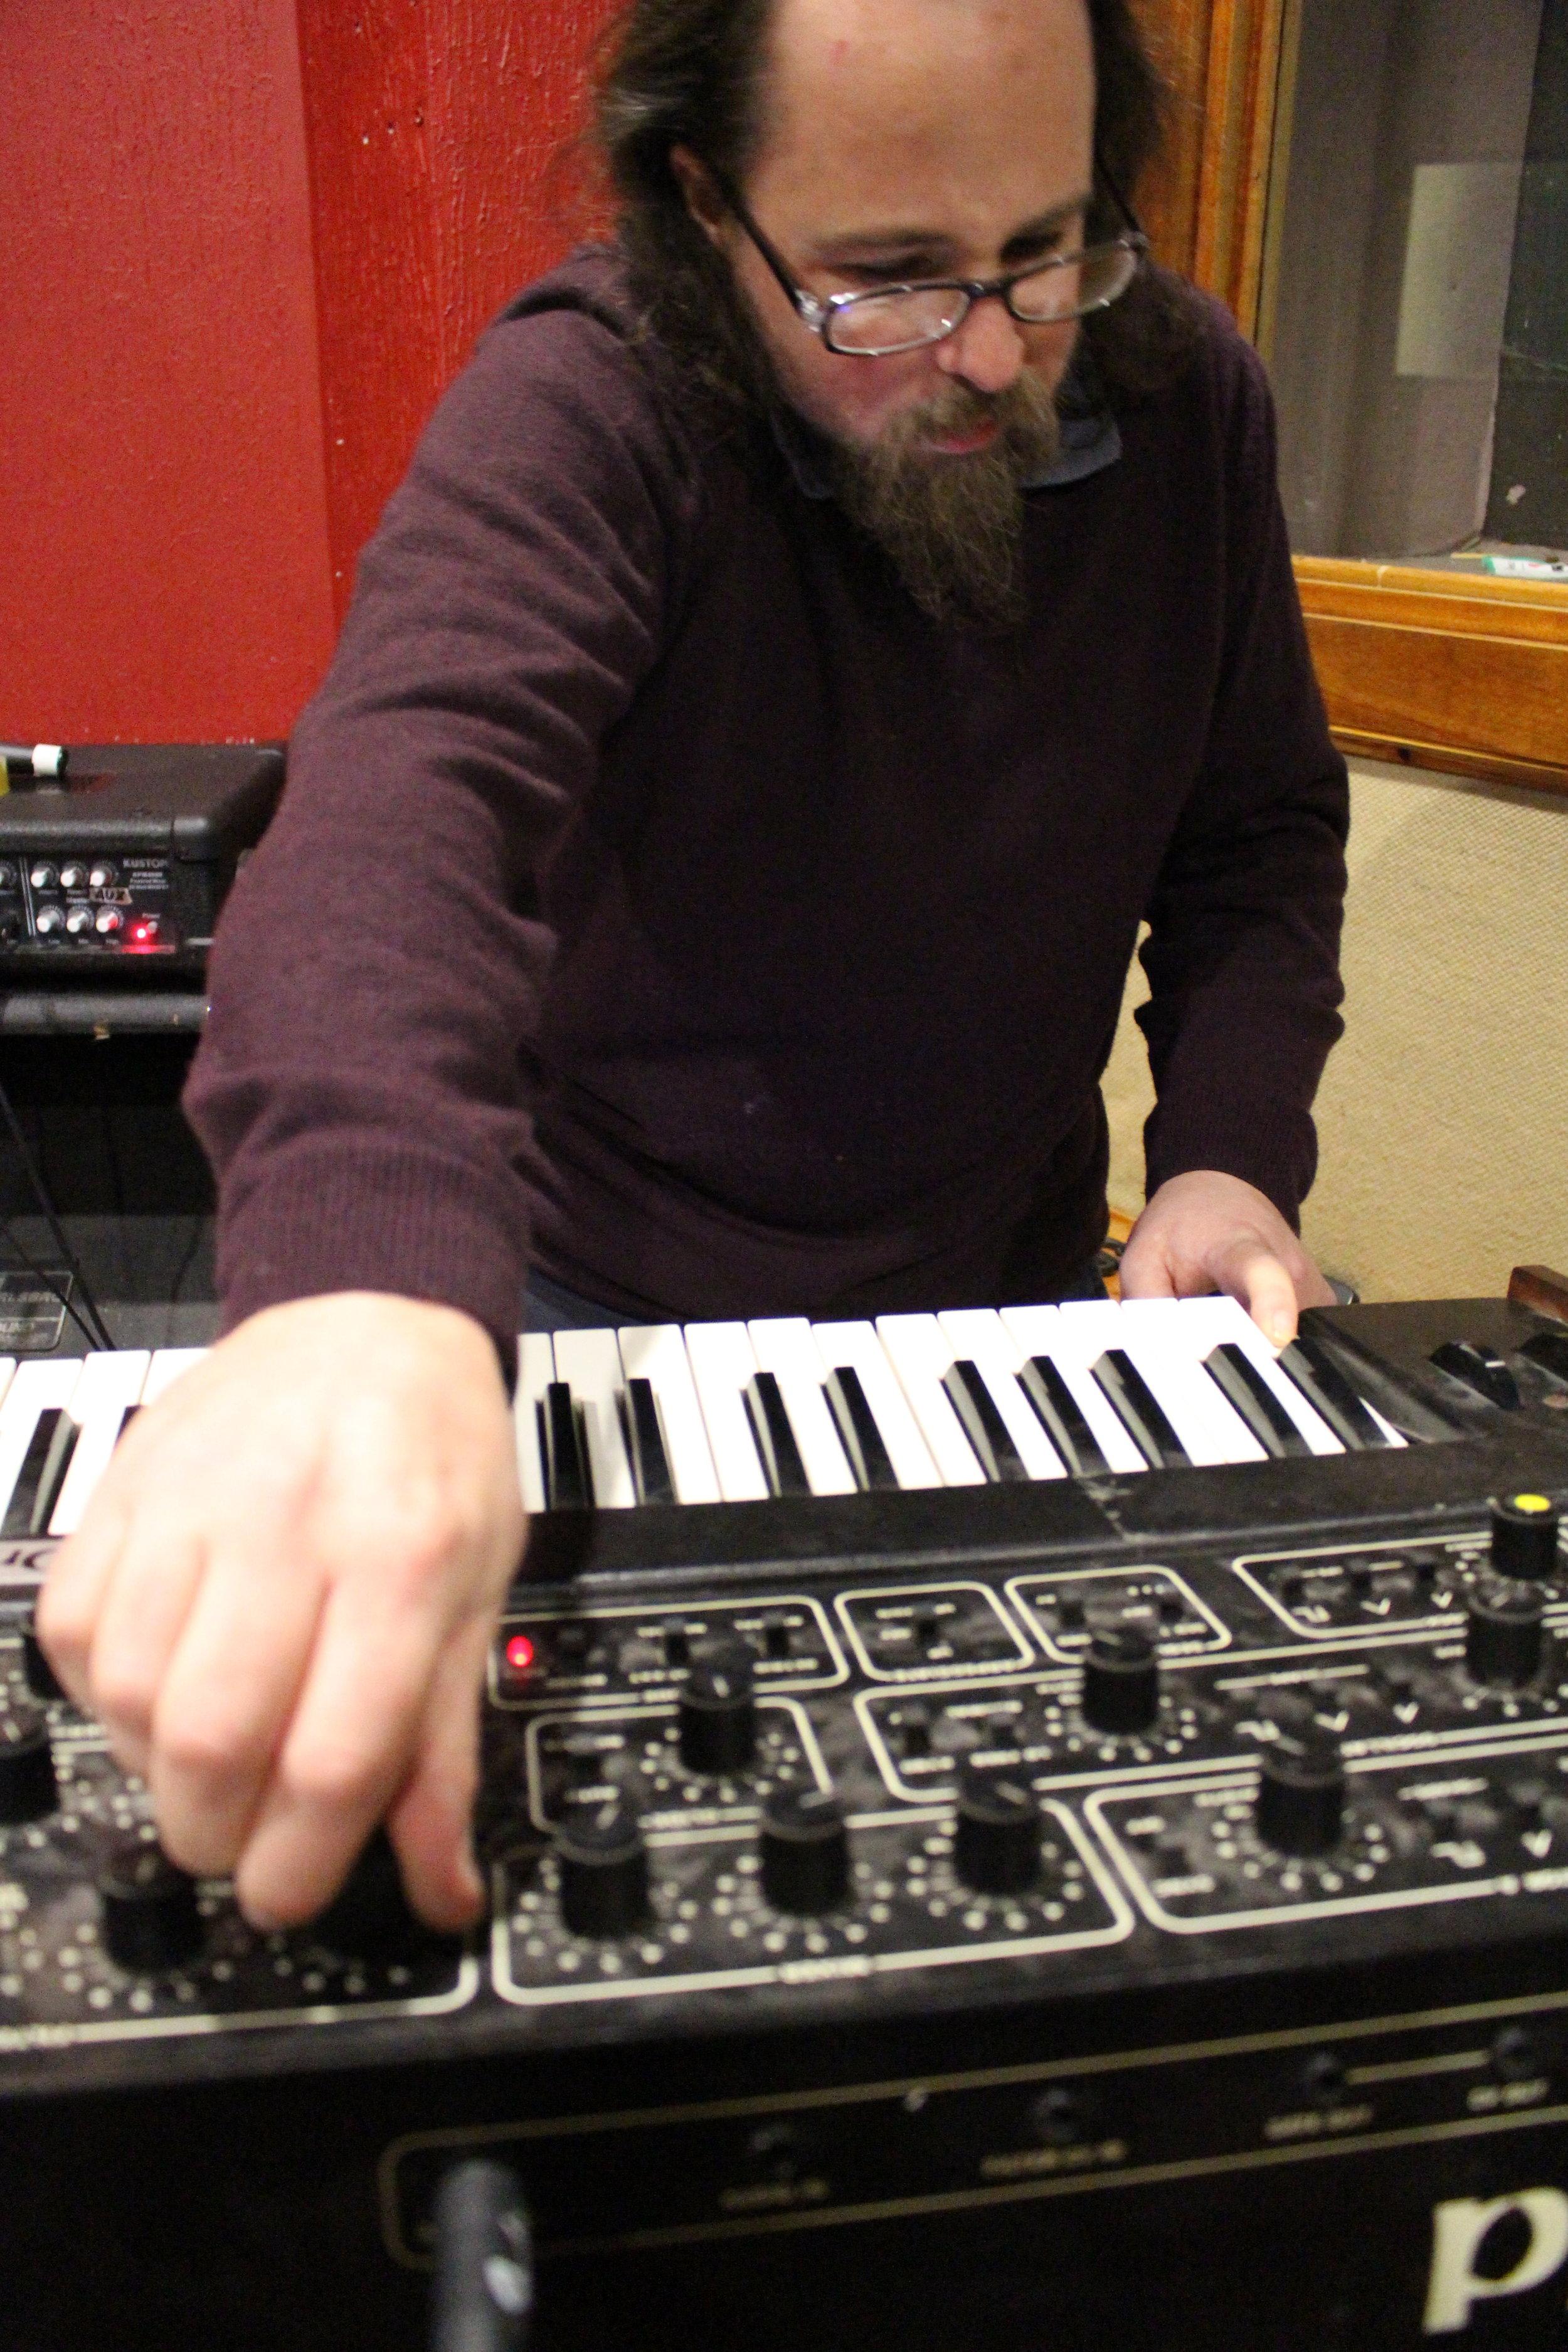 Joel - Workshop participant